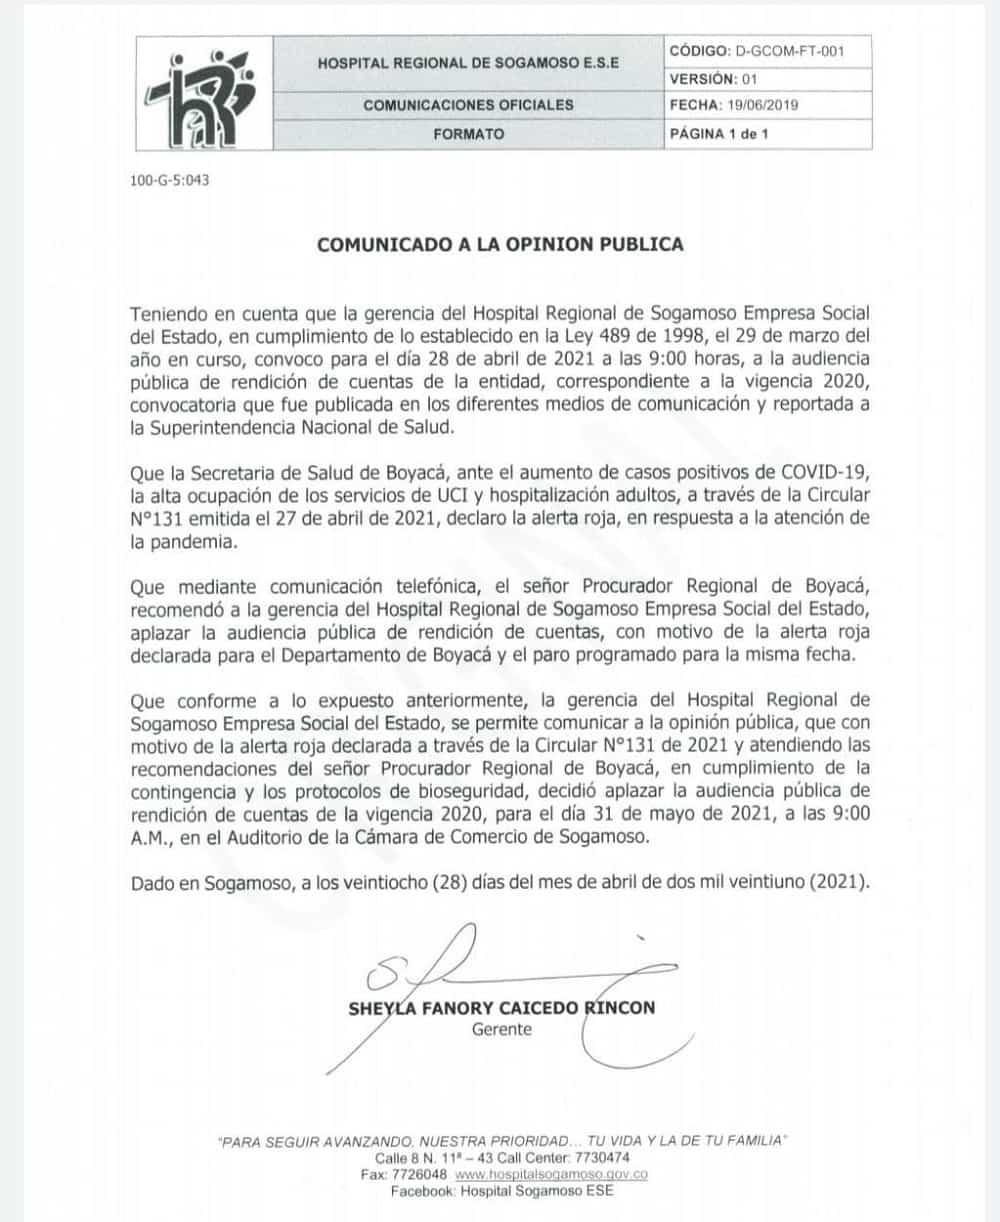 Hospital Regional de Sogamoso aplazó audiencia de rendición de cuentas por alerta roja y paro 2